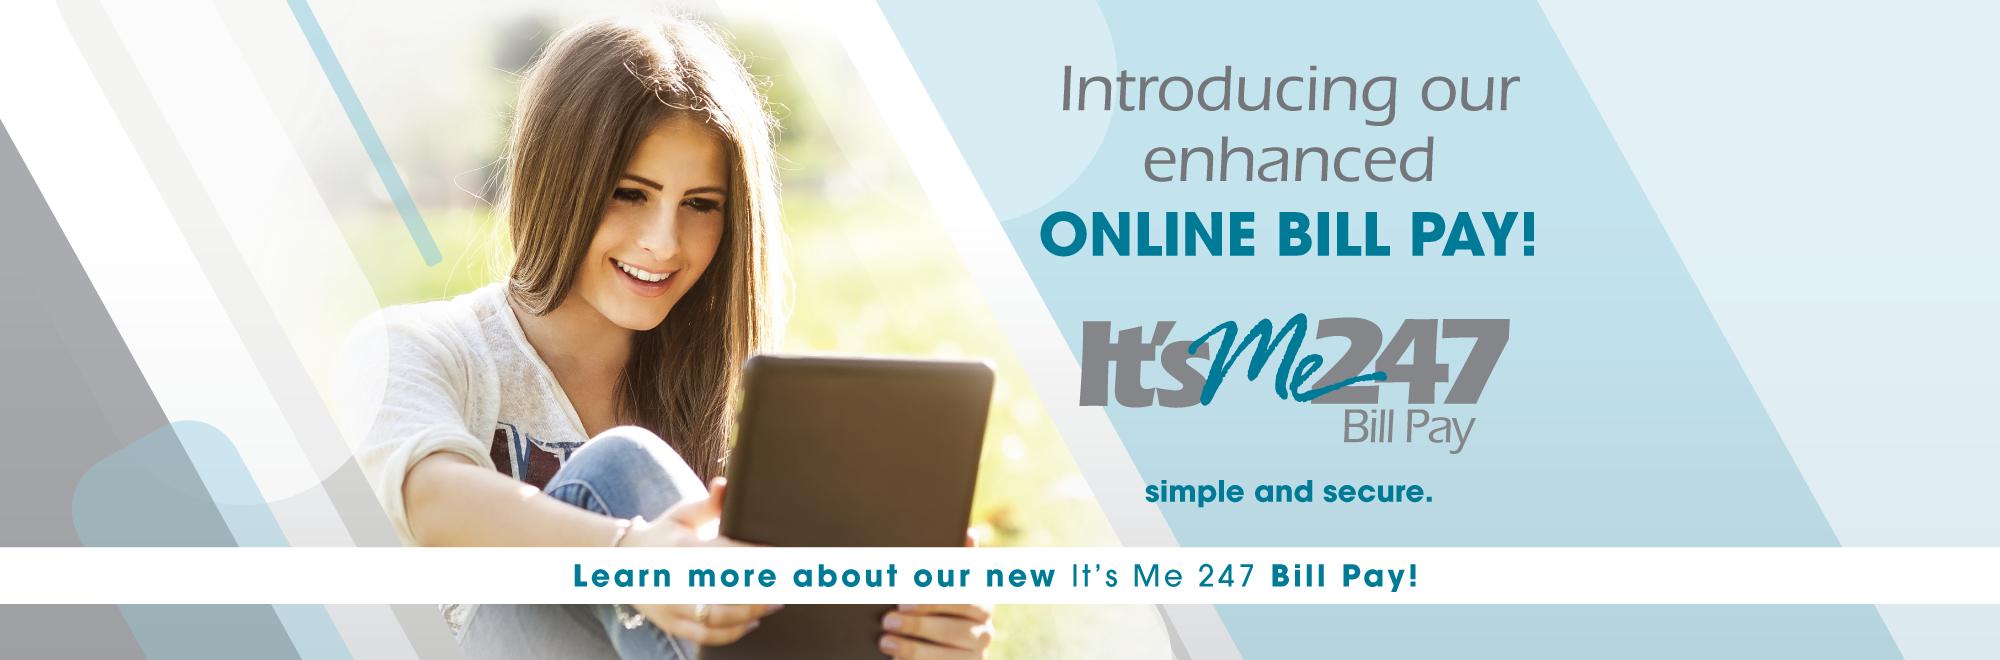 Online Bill Pay FAQs